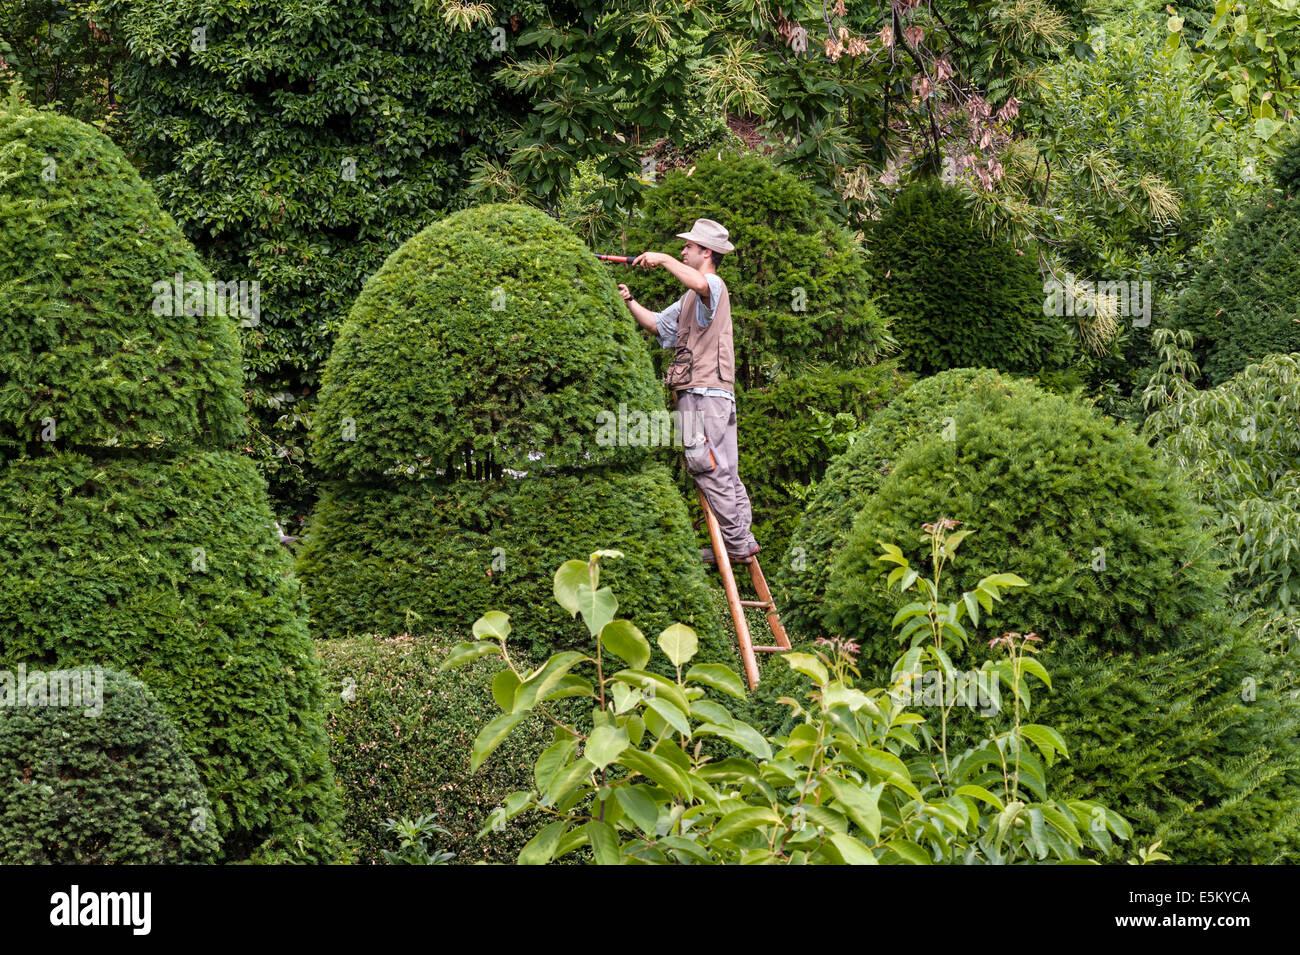 A gardener in an Italian garden clipping shrubs into shape - Stock Image